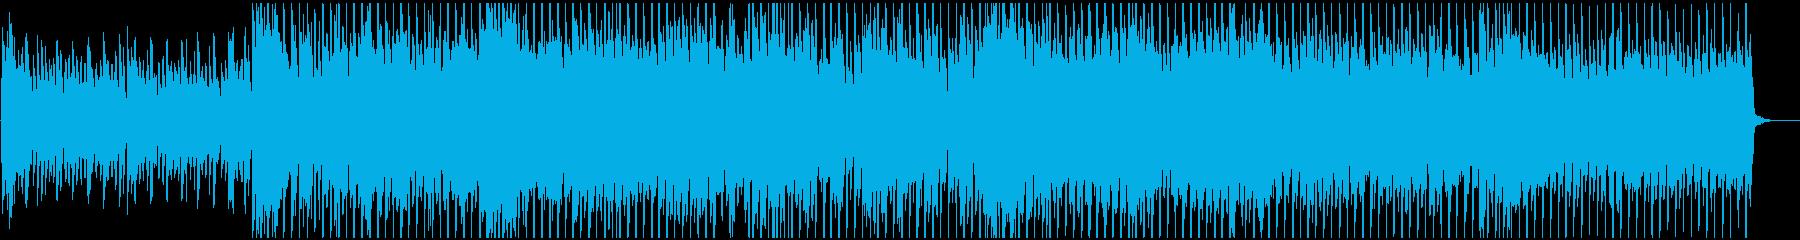 ハロウィン・怪しいアコーディオンのハウスの再生済みの波形